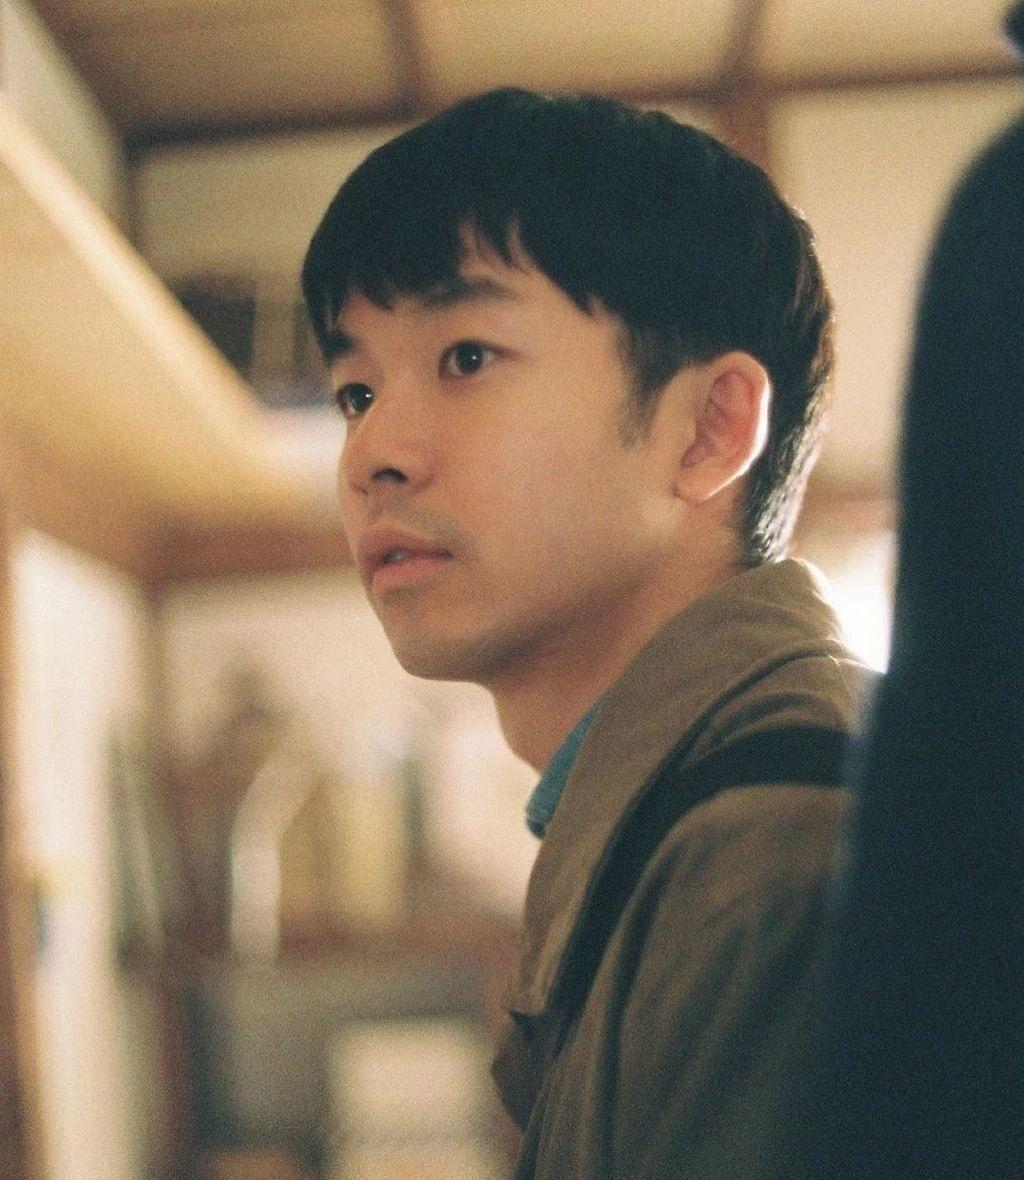 仲野太贺和森川葵这对养眼情侣一起被确诊新冠了 (8)